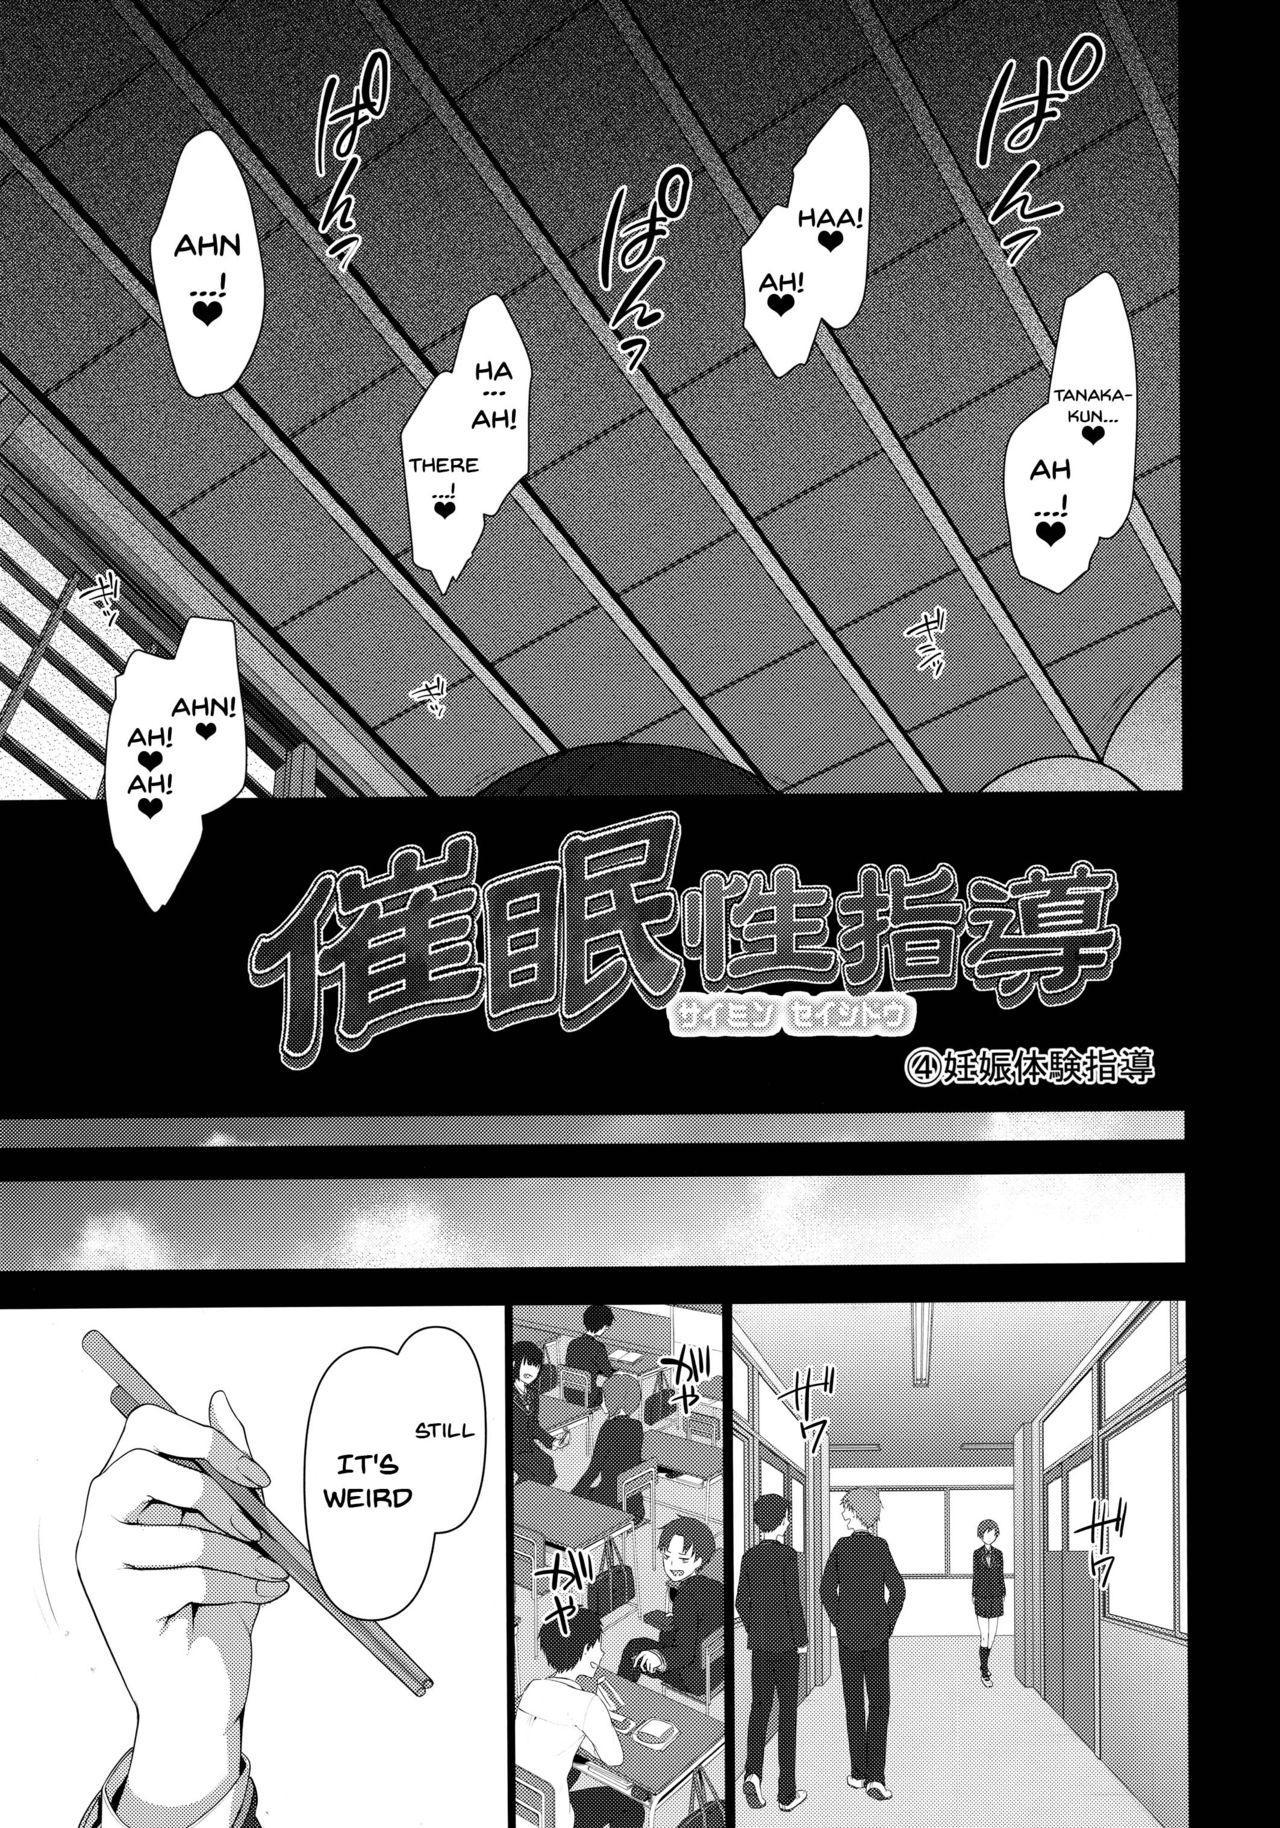 (C94) [50on! (Aiue Oka)] Saimin Seishidou 4 Ninshin Taiken Shidou (Shi) | Hypnosis Sex Guidance 4 - Pregnancy Guidance Experience [English] {Doujins.com} 7